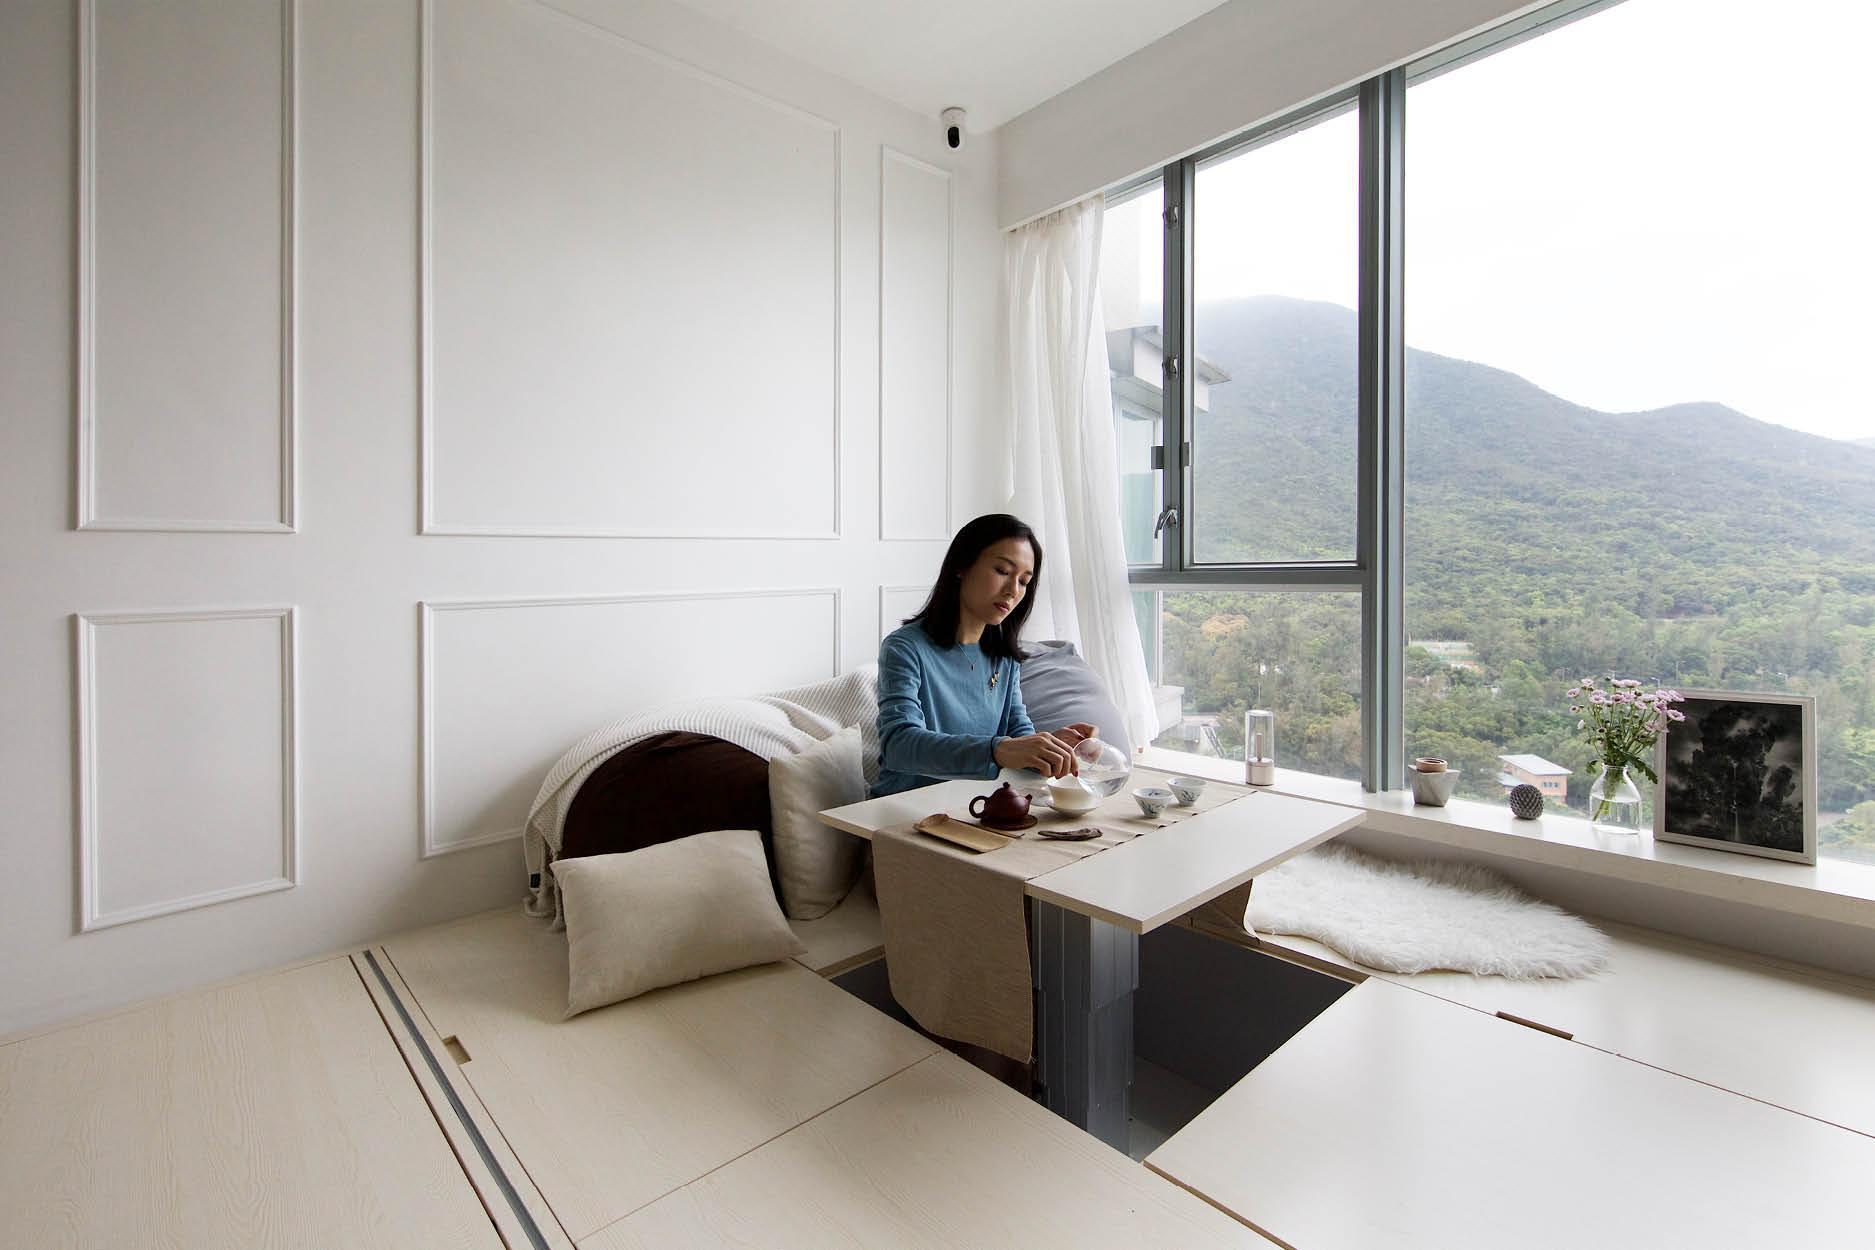 Căn hộ 45m² với mẹo bố trí hợp phong thủy giúp không gian thêm vượng khí, vợ chồng thêm thuận hòa  - Ảnh 5.